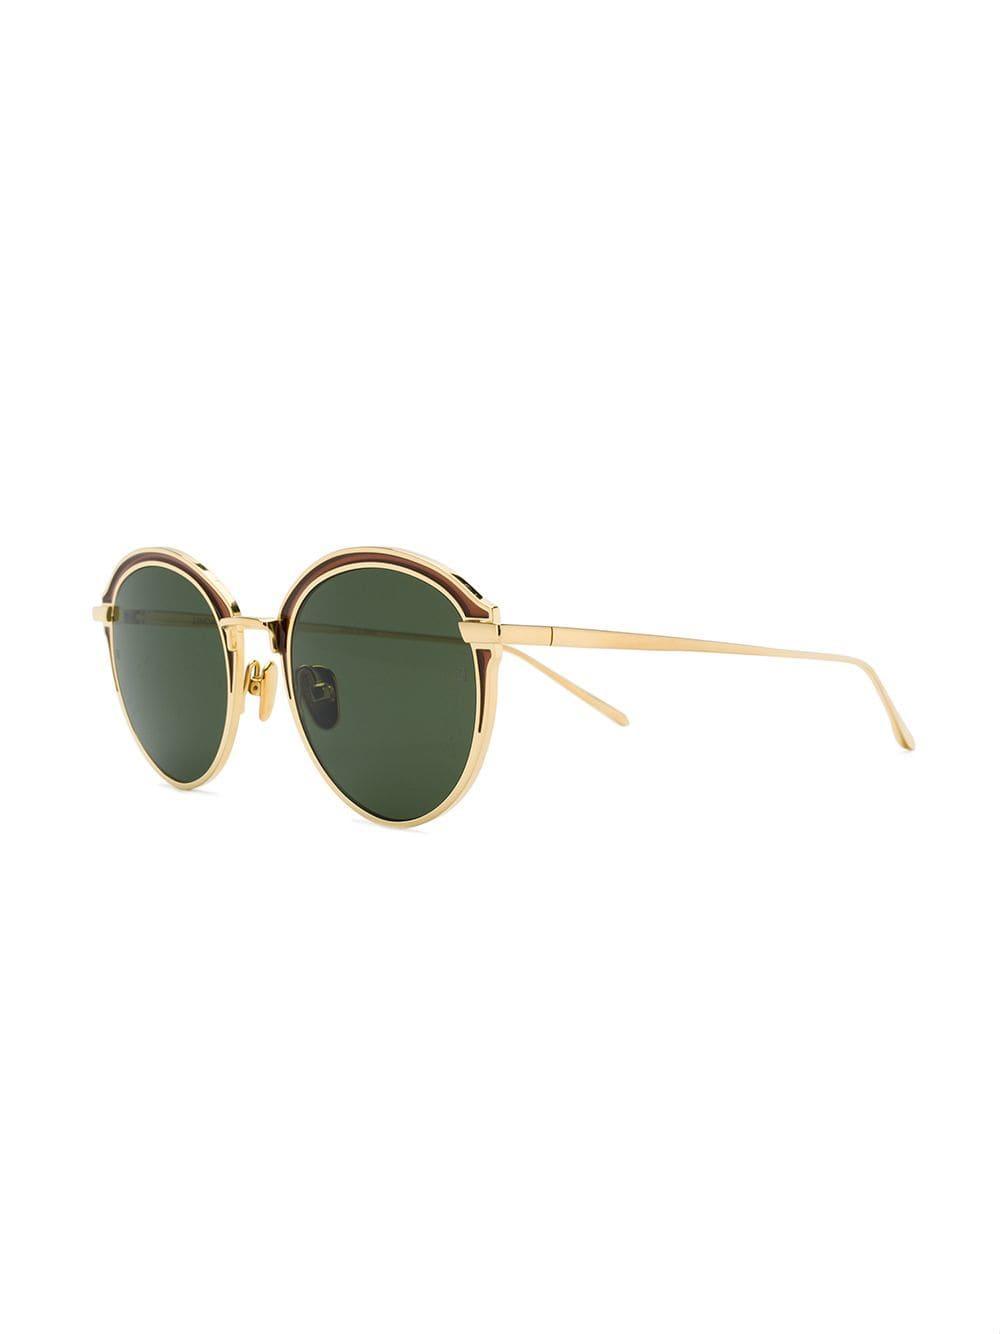 b99df7008b5 Linda Farrow 935 C5 Sunglasses in Metallic for Men - Lyst